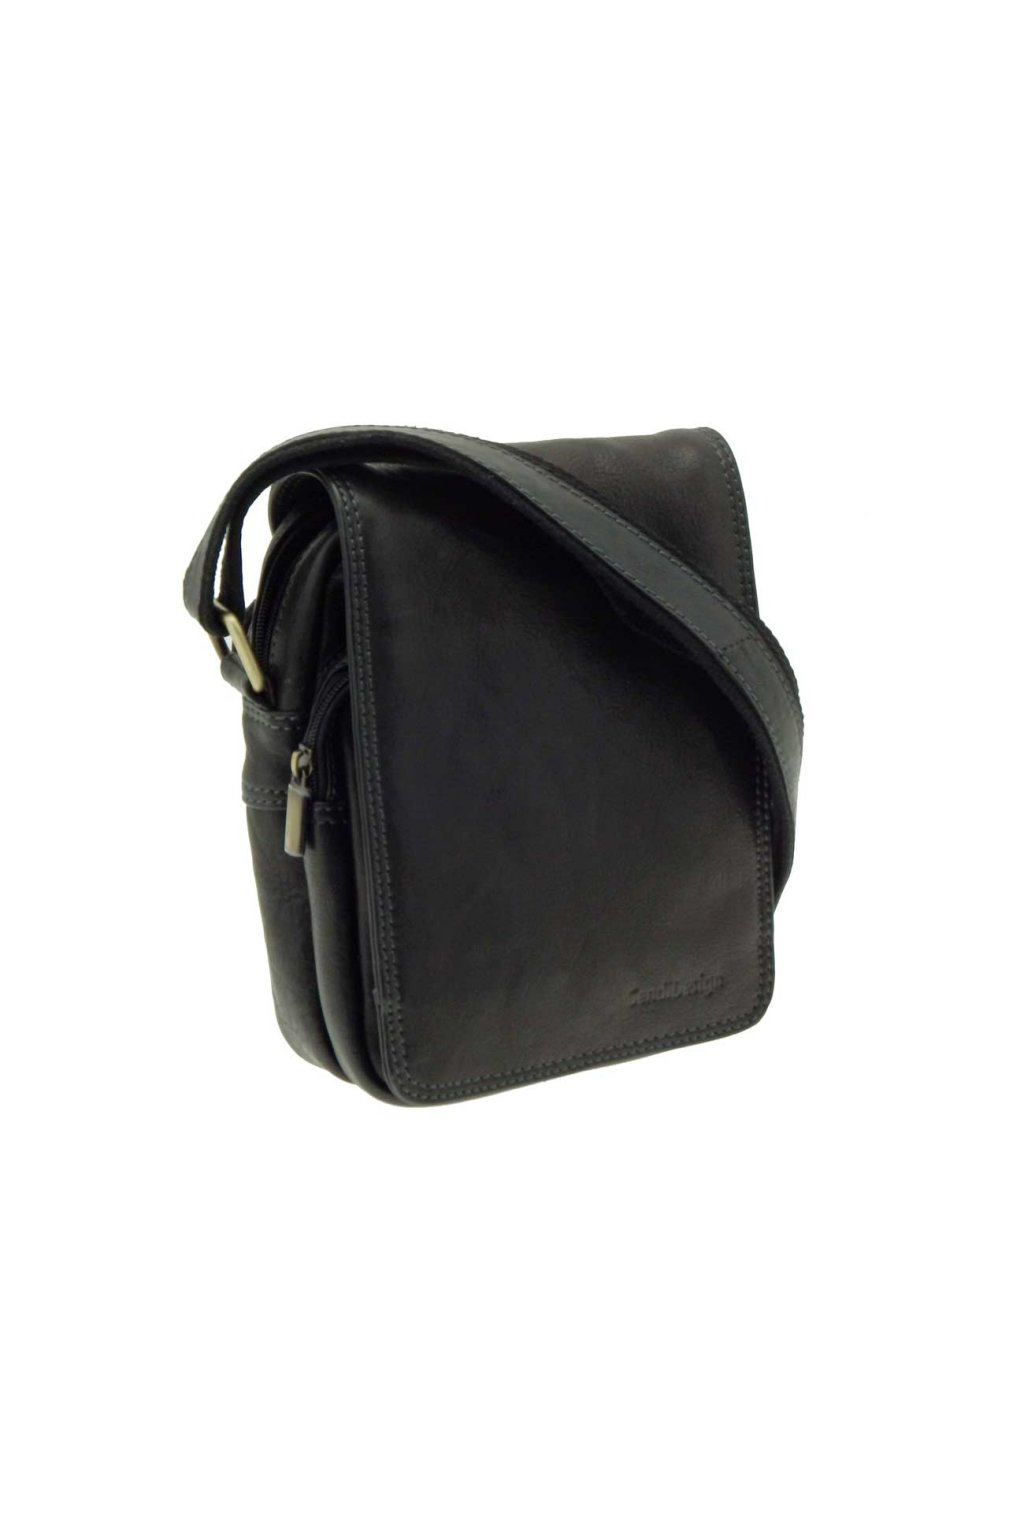 pánska kožená taška přes rameno černá PKK03 CT MG 708 C